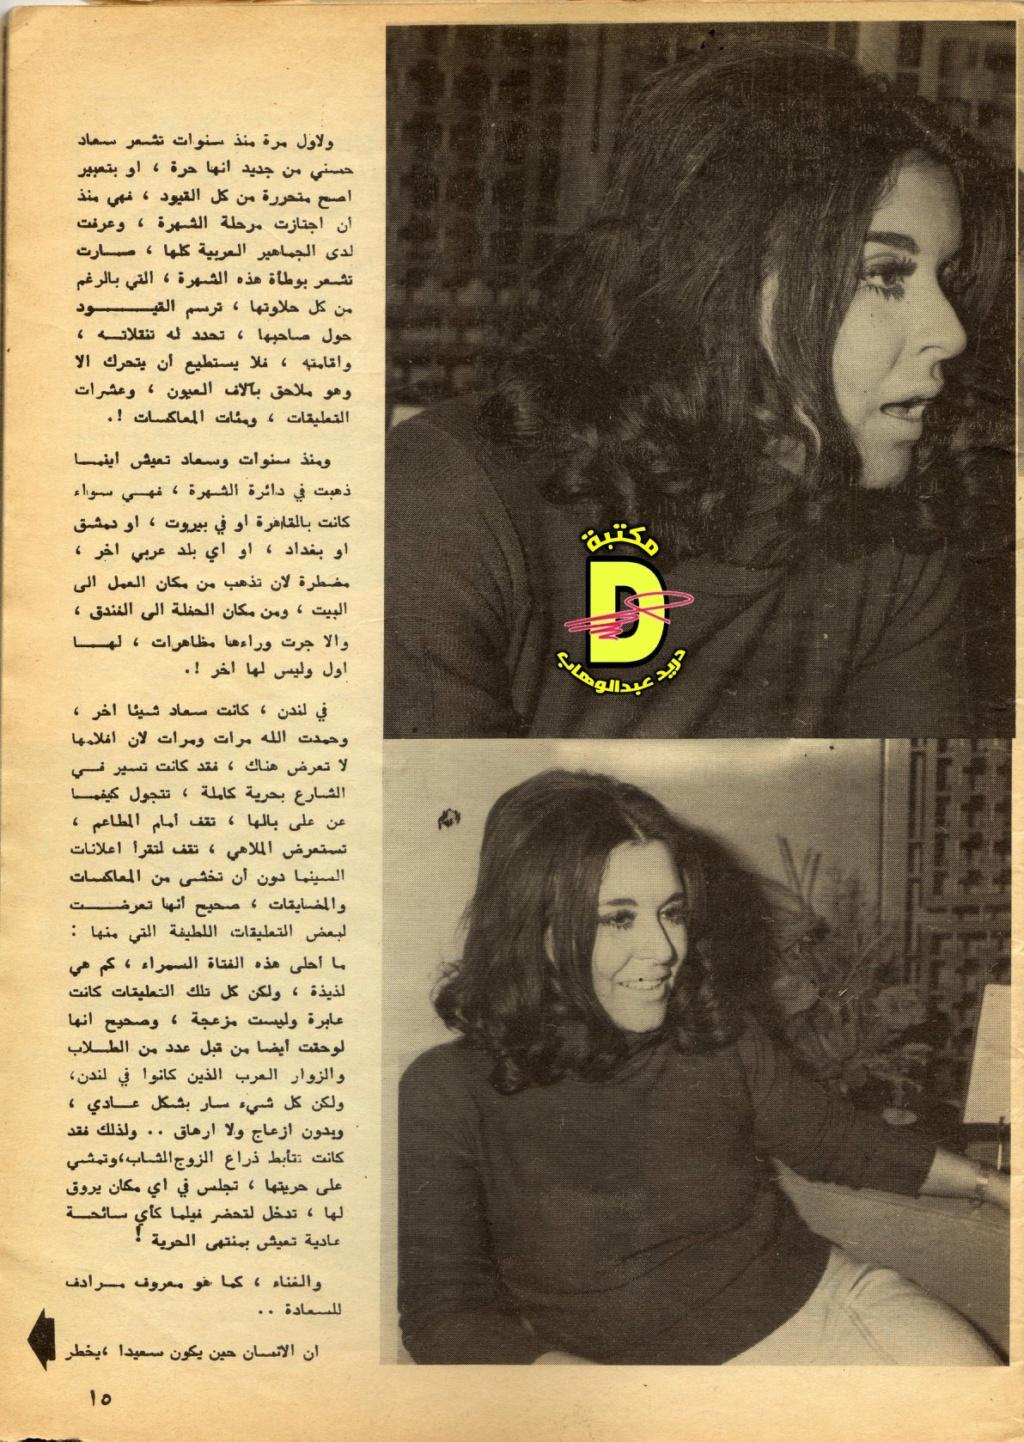 مقال صحفي : سعاد حسني تحولت بعد شهر العسل إلى مطربة ! 1973 م 238